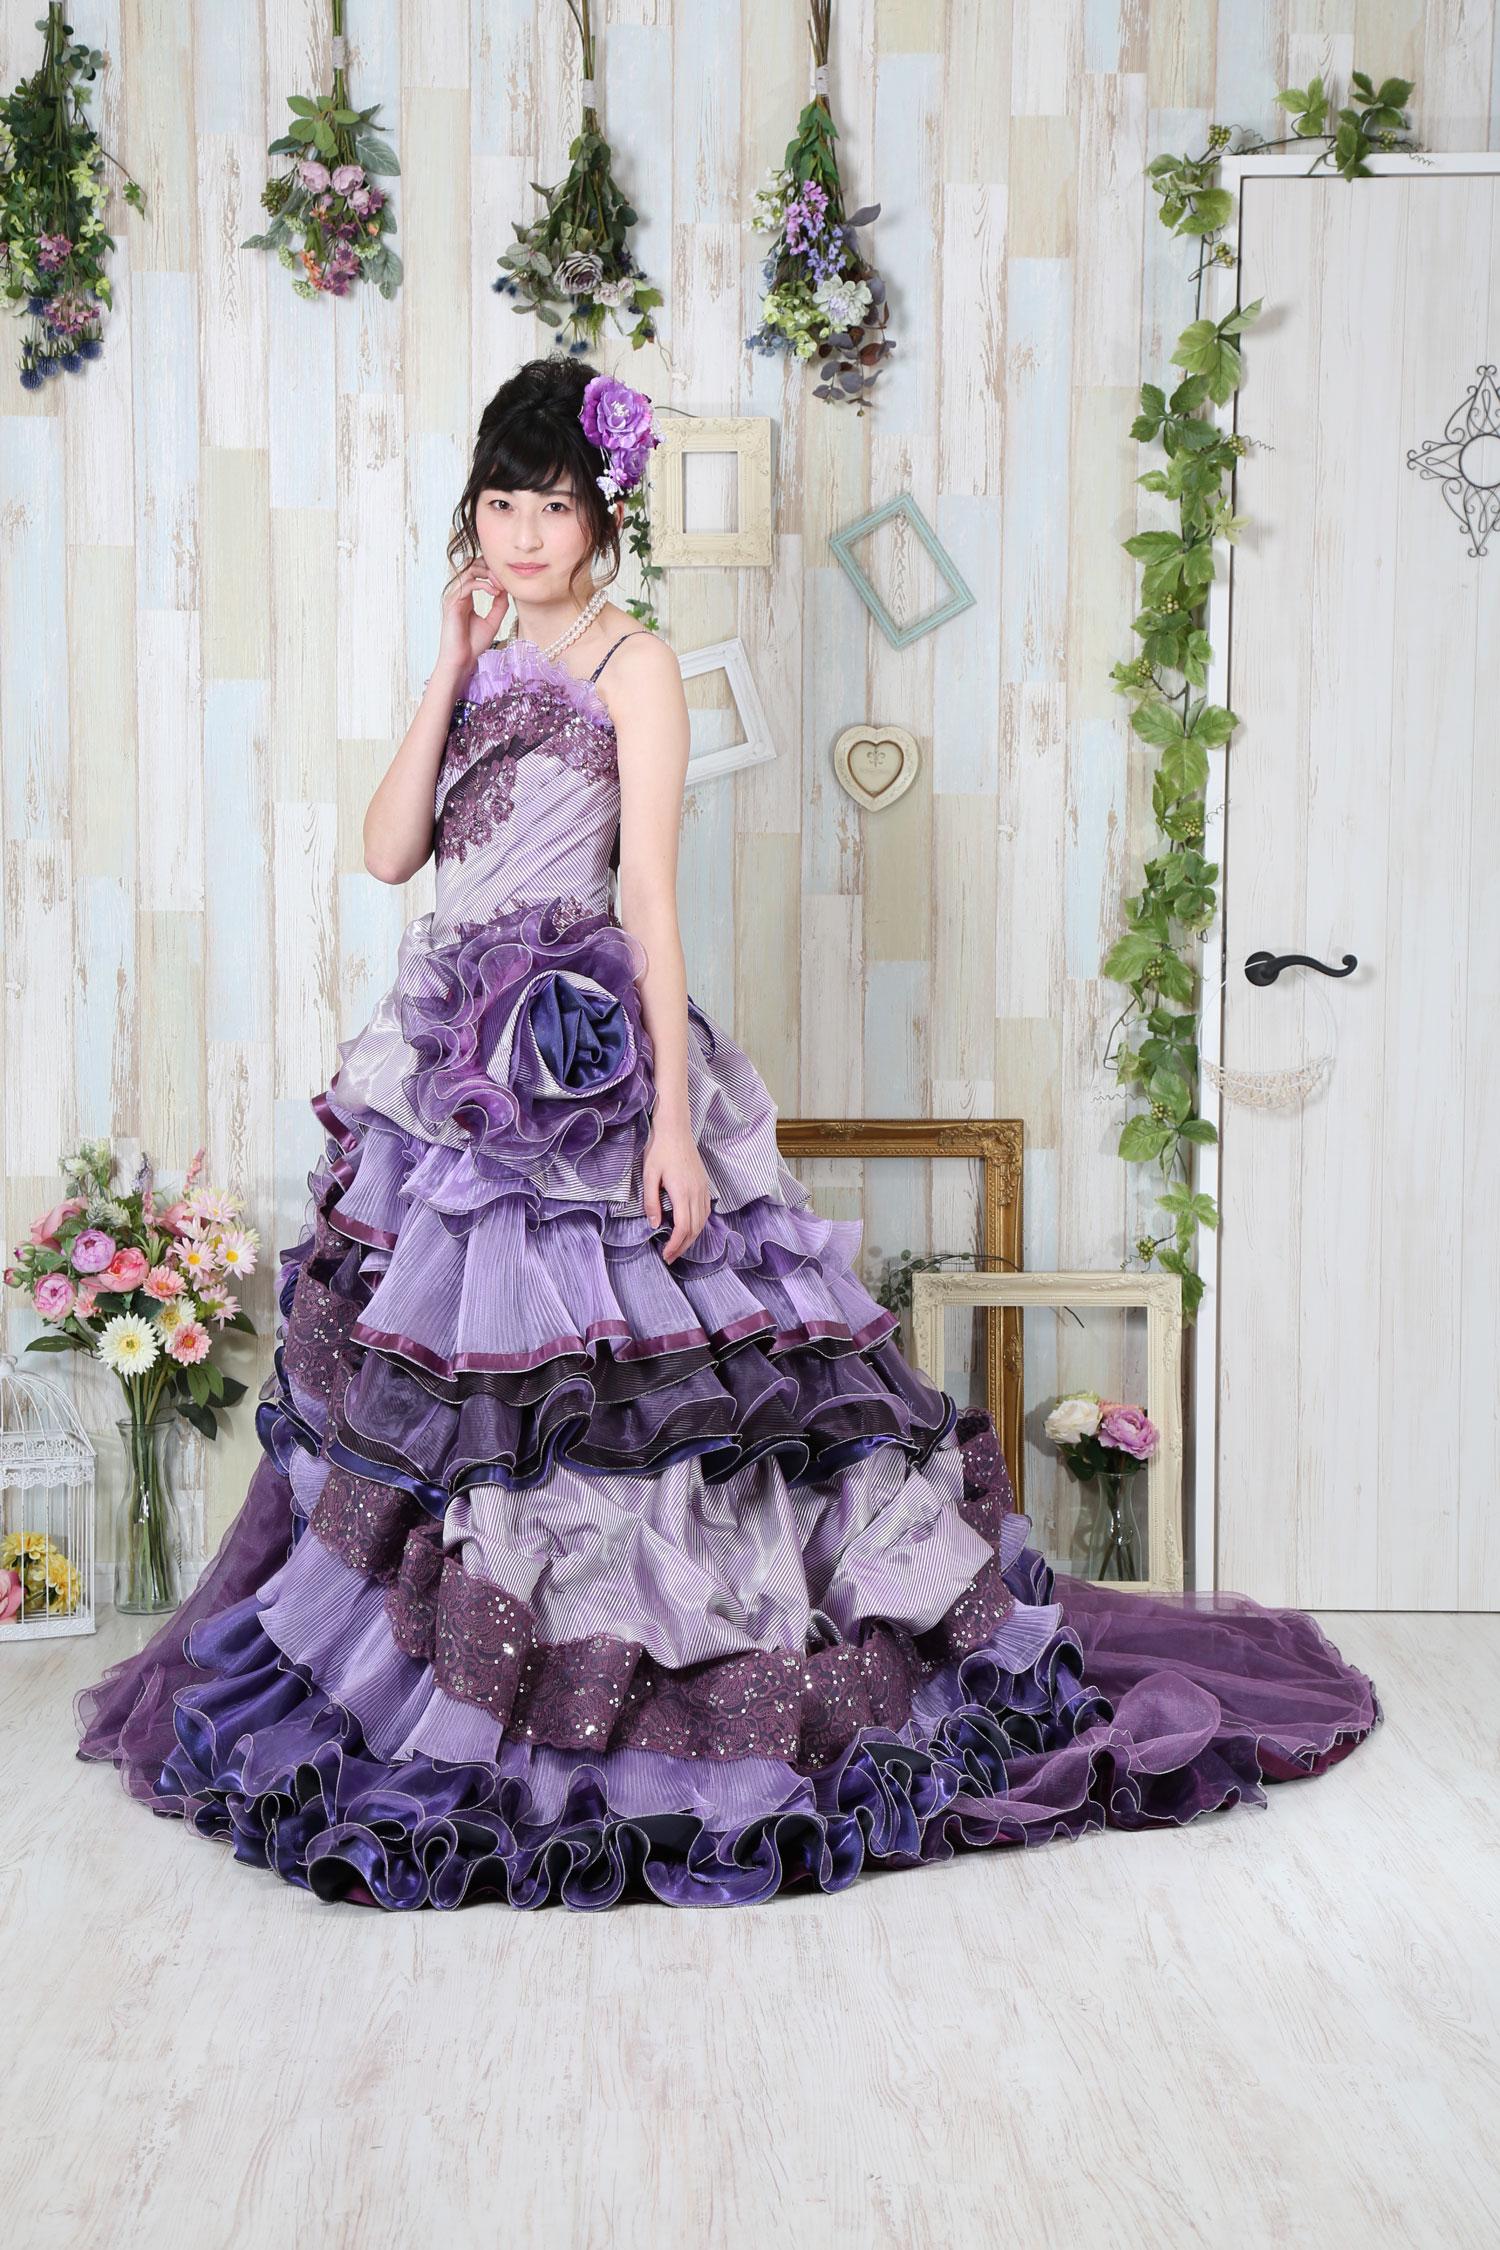 ★20180211-ドレス衣装撮影_202